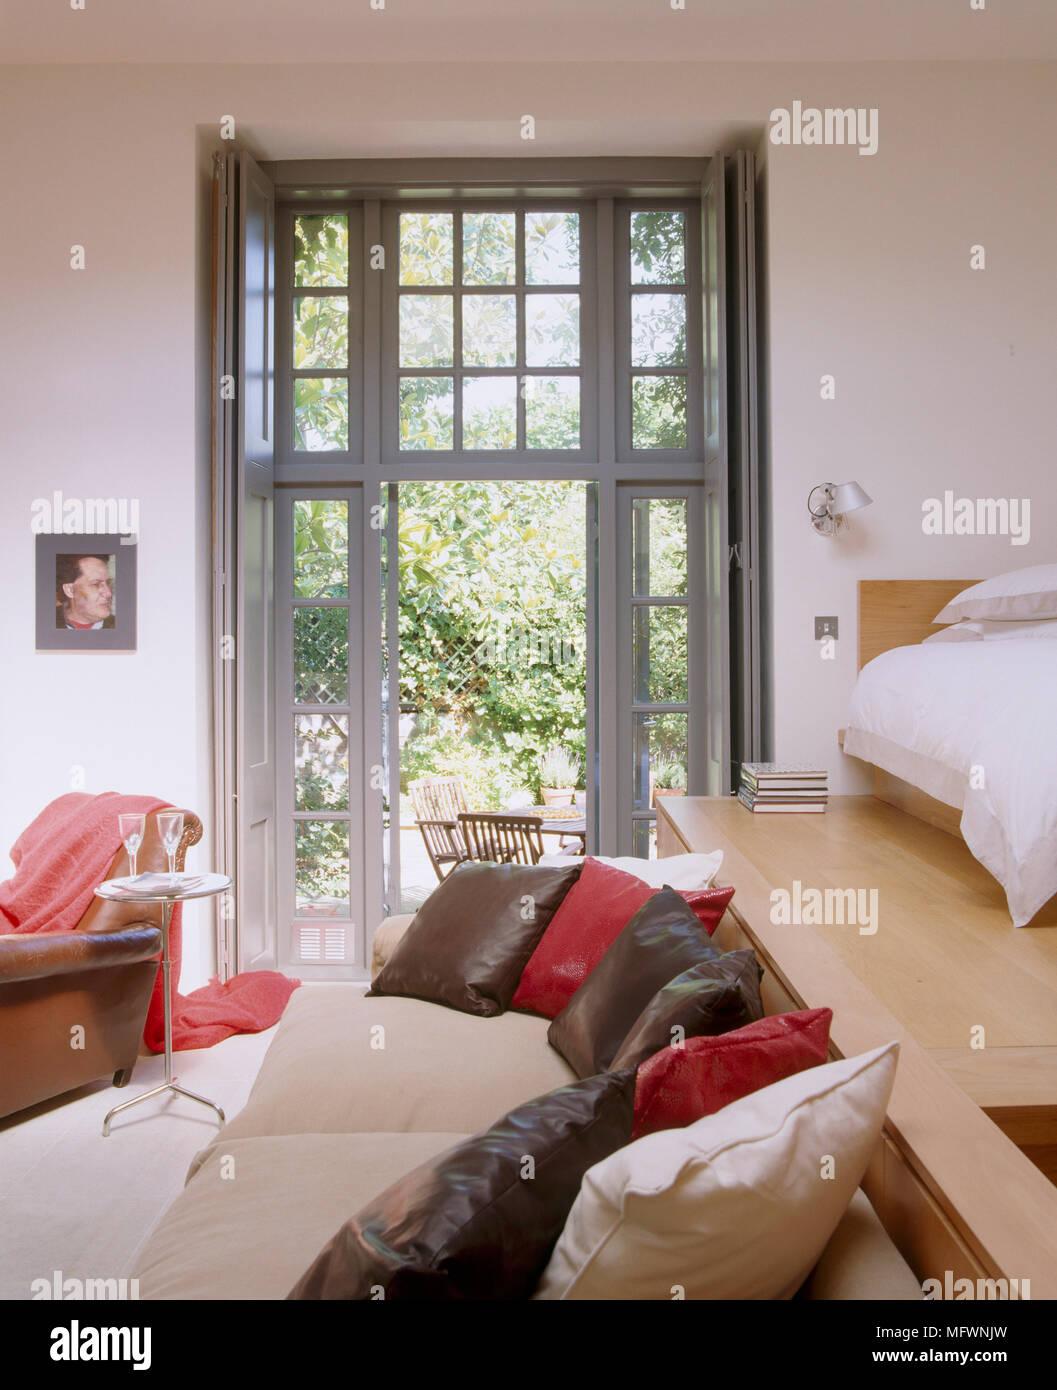 Eine moderne, offene, auf 2 Ebenen wohnen Wohnzimmer, ein Bett auf ...